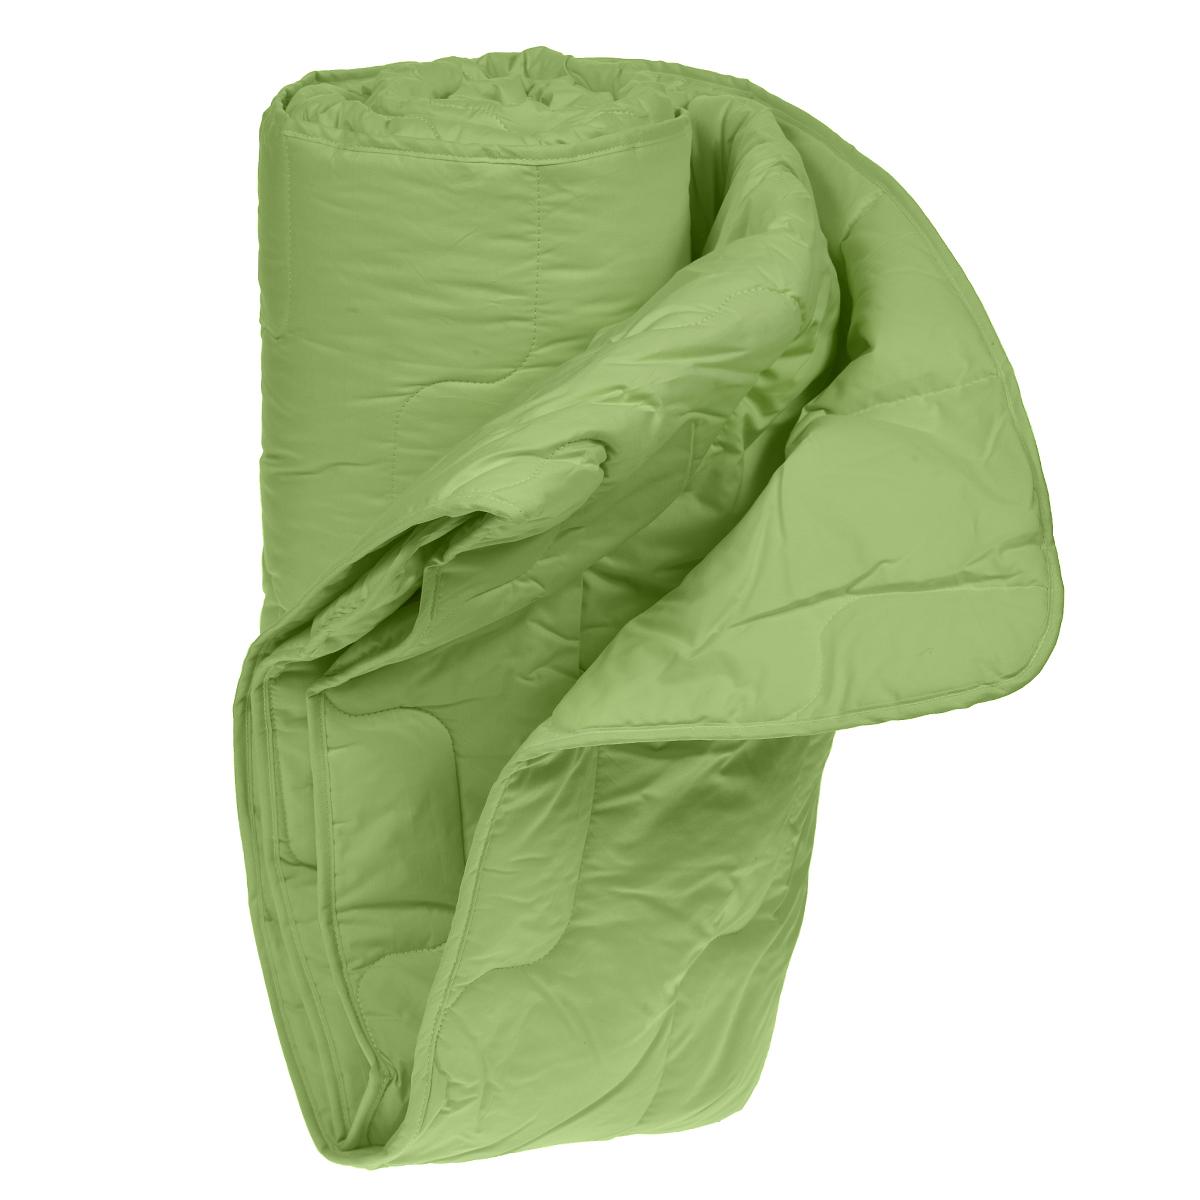 Одеяло облегченное OL-Tex Бамбук, наполнитель: бамбуковое волокно, цвет: фисташковый, 220 х 200 см531-105Великолепное облегченное одеяло OL-Tex Бамбук подарит вам ни с чем несравнимую мягкость и комфорт и согреет даже в очень холодное время года. При этом одеяло невероятно легкое. Одеяло из коллекции Бамбук создано с использованием натурального и экологически чистого бамбукового волокна. Чехол одеяла фисташкового цвета выполнен из тика и перкаля, оформлен фигурной стежкой и кантом по краю. Натуральная, экологически чистая основа бамбукового волокна обладает природными антибактериальными и дезодорирующими свойствами, останавливает рост и развитие бактерий, препятствует появлению неприятных запахов. Эти качества сохраняются даже после многократных стирок. Идеально подходит людям, страдающим аллергией и астмой. Основные свойства бамбукового наполнителя: - отличная воздухопроницаемость и впитывающие свойства, - дезодорирующие и бактерицидные свойства, - гигиеничность и гипоаллергенность. Легкое, мягкое, воздушное одеяло прекрасно подойдет всем, кто ценит здоровый сон. Одеяло сохраняет прохладу в период жаркого лета. Нежное, теплое и красивое одеяло из коллекции Бамбук - это комфорт и уют в Вашей спальне. Подарите себе здоровый сон с бамбуковым одеялом! Рекомендации по уходу:- Ручная и машинная стирка при температуре 30°С.- Не гладить.- Не отбеливать. - Нельзя отжимать и сушить в стиральной машине. - Вертикальная сушка. Размер одеяла: 220 см х 200 см. Материал чехла: тик, перкаль (100% хлопок). Материал наполнителя: бамбуковое волокно/микроволокно OL-Tex (100% полиэстер). Плотность: 200 г/м2.